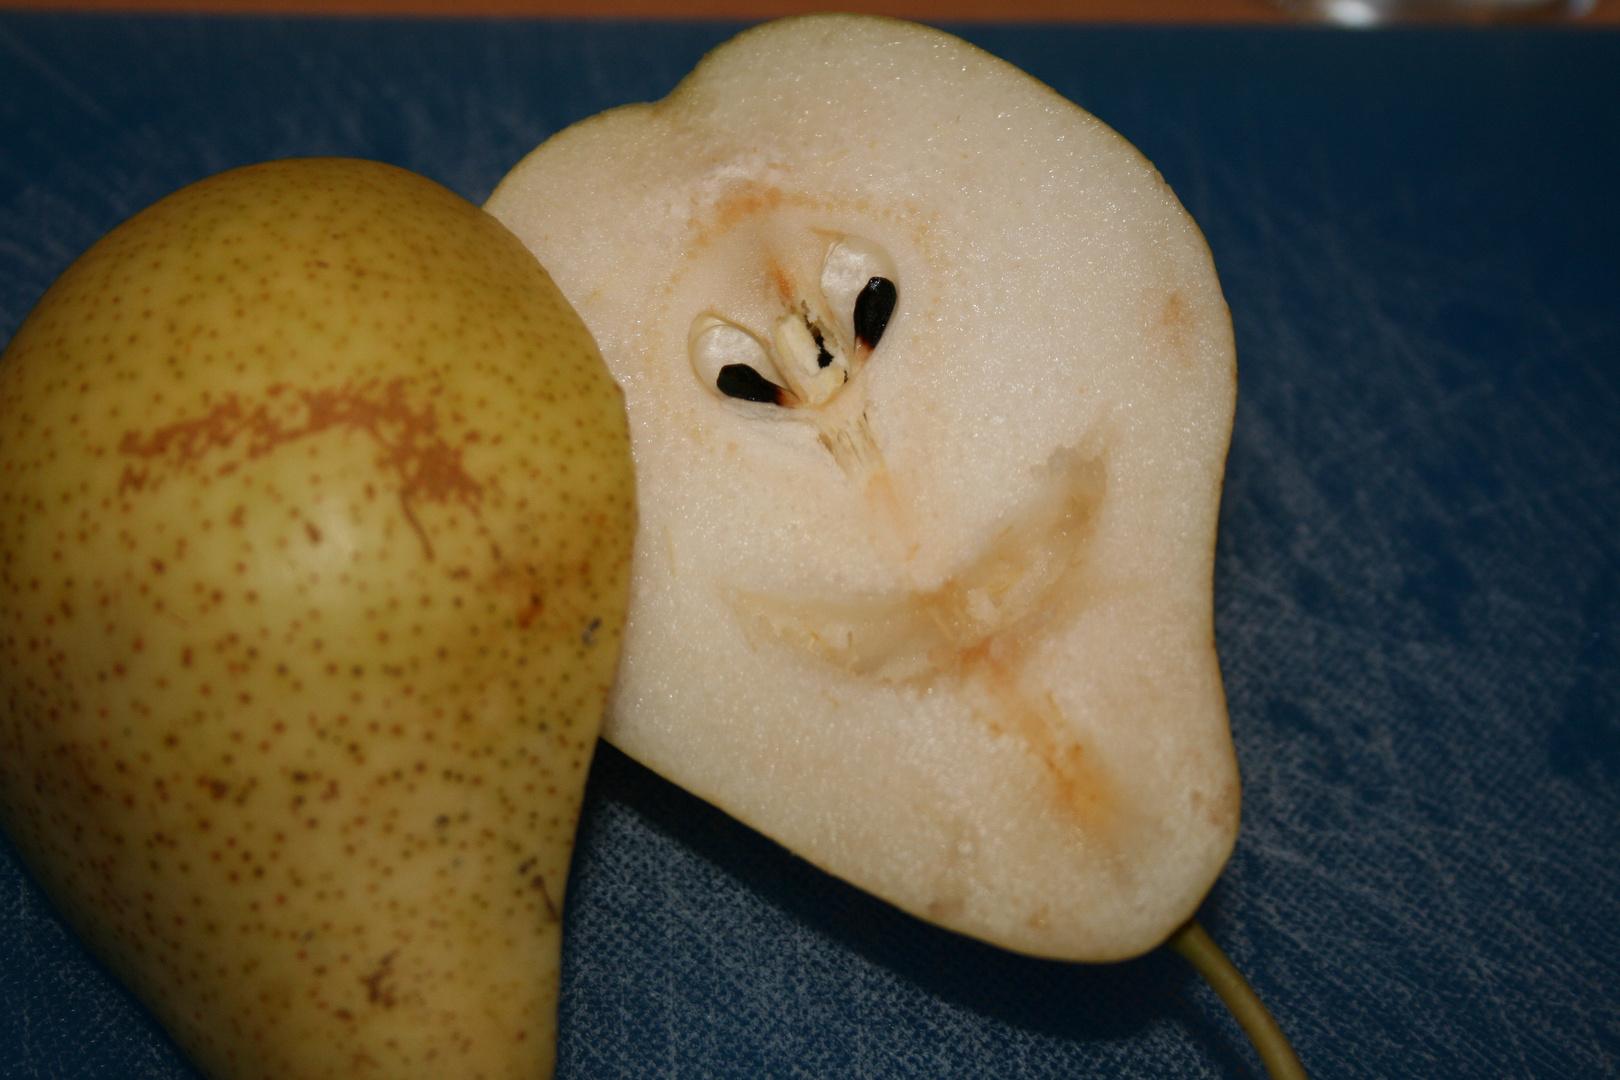 Eine fröhliche Birne am Morgen ...